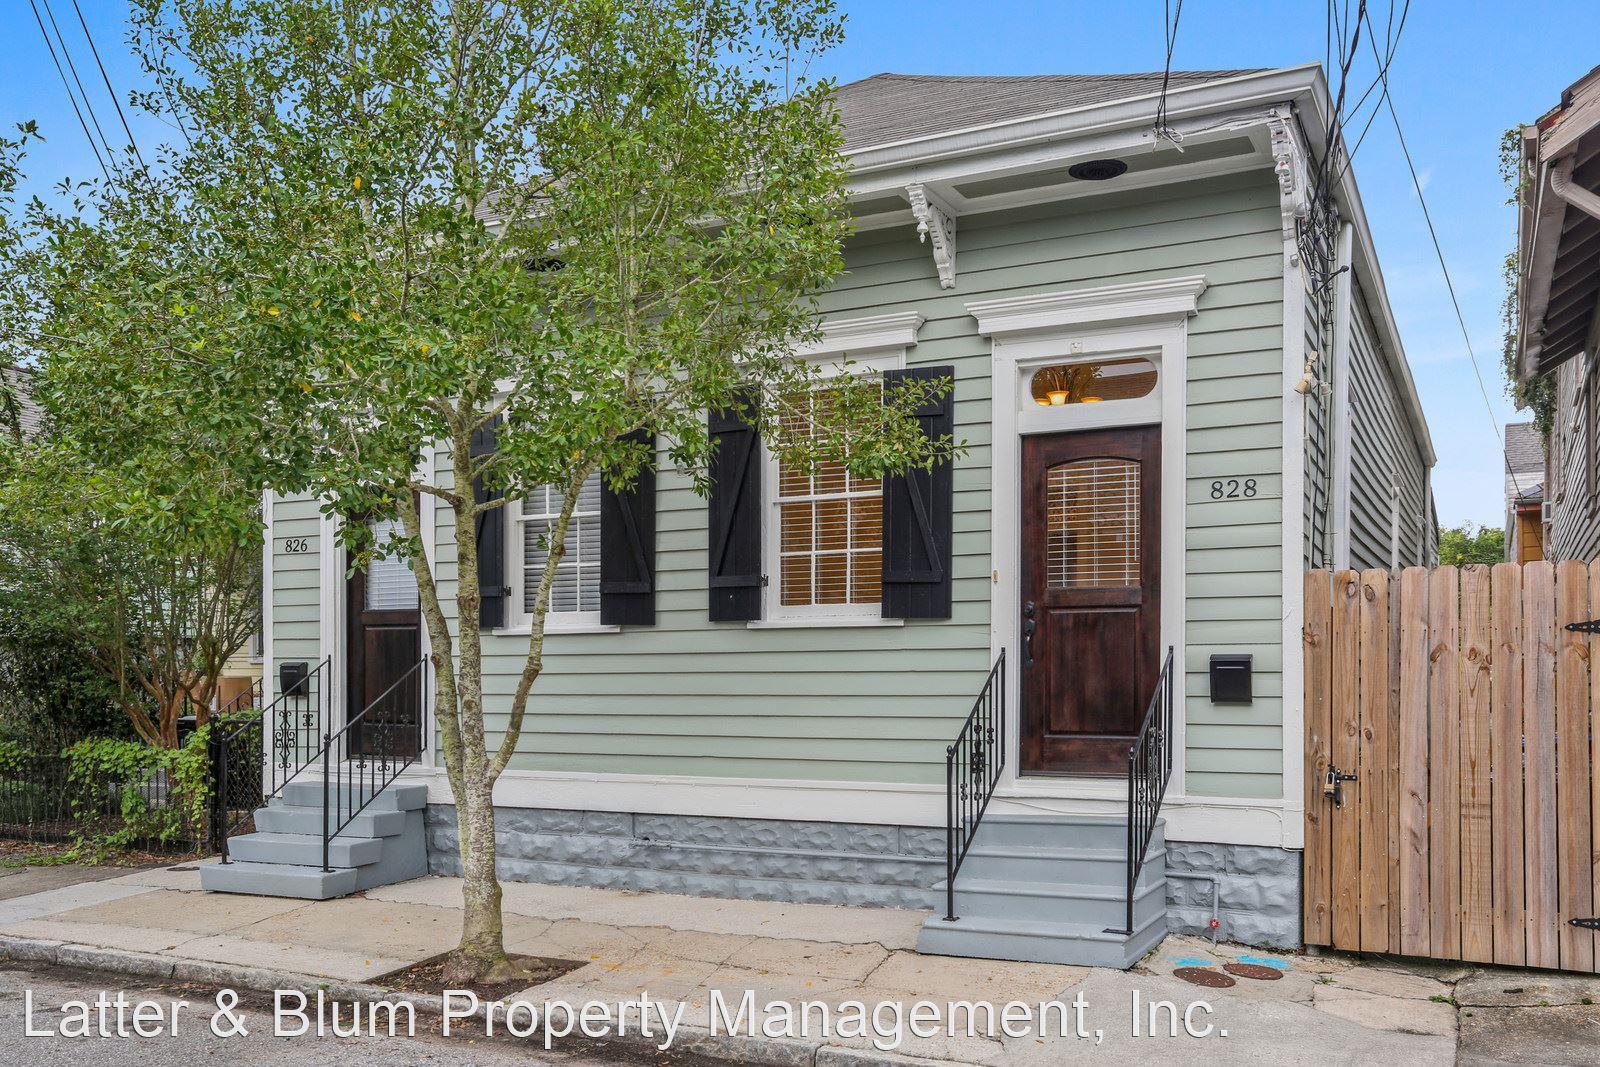 828 CLOUET ST, New Orleans, LA 70117